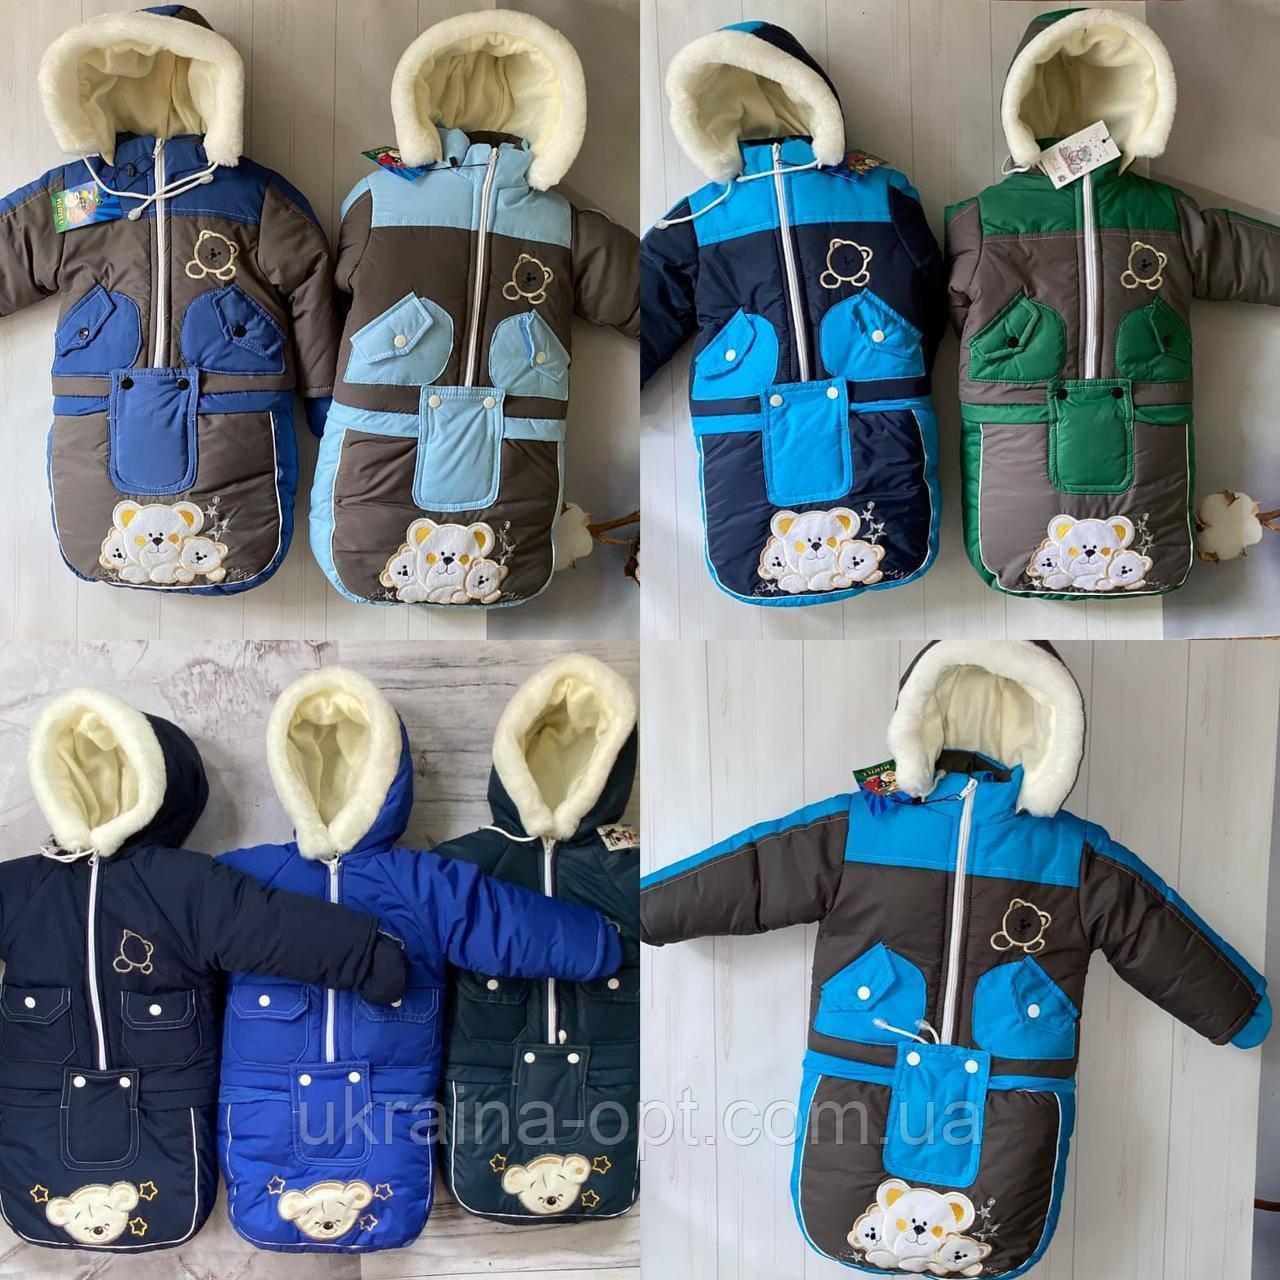 Детский комбинезон тройка (курточка, штаны и конверт). Для деток с рождения. 13 цветов.